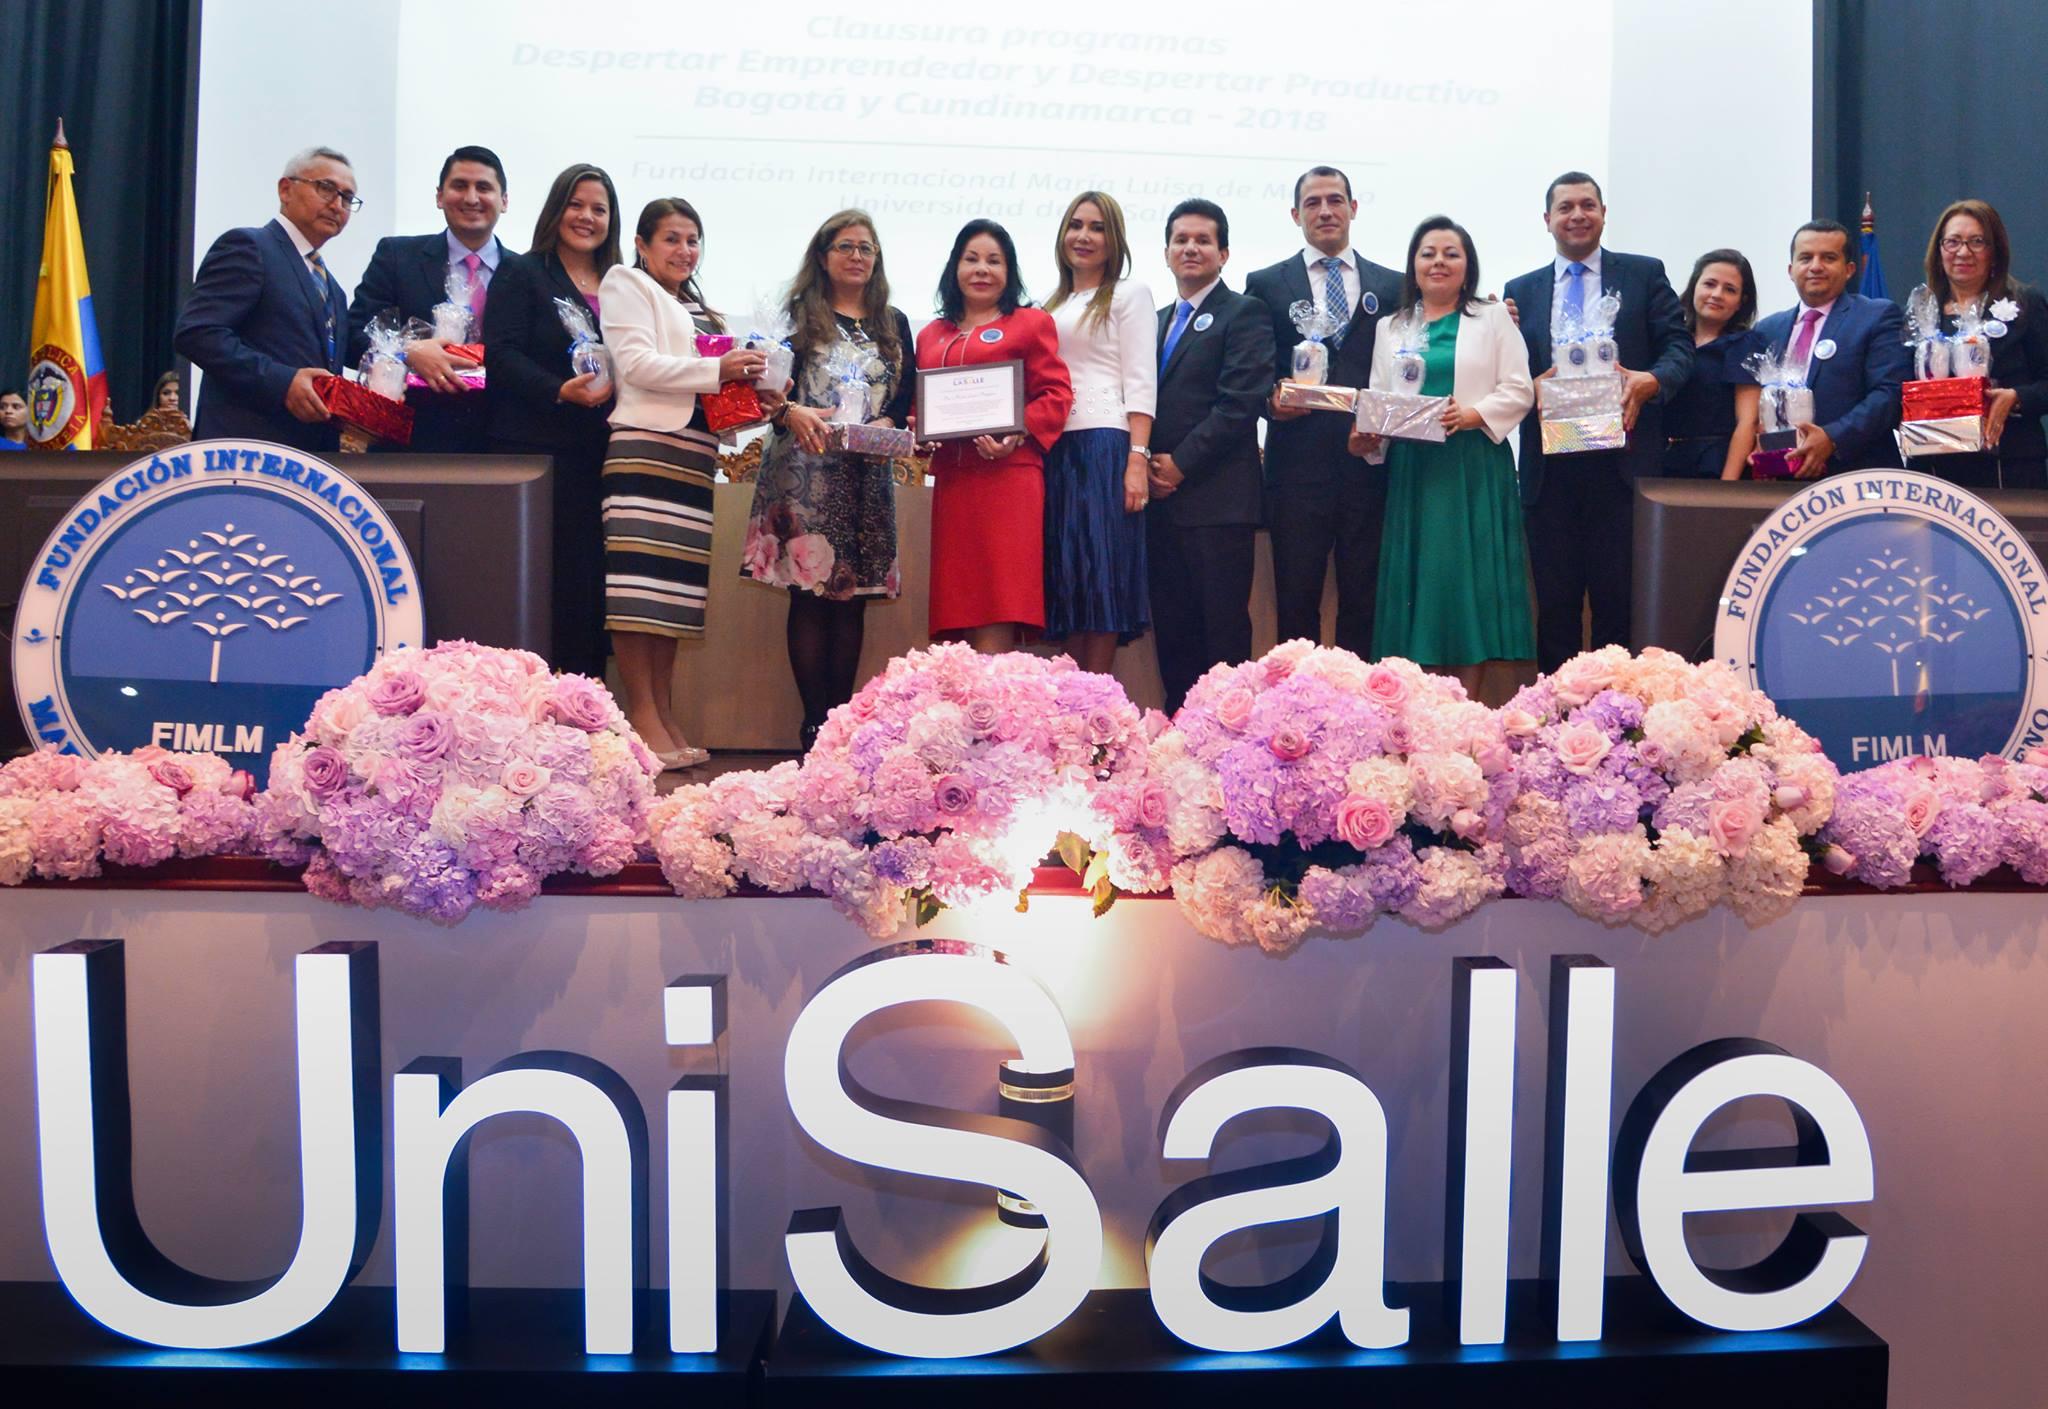 Reconocimiento y graduación de mas de 1000 personas en la Universidad de la Salle (7)